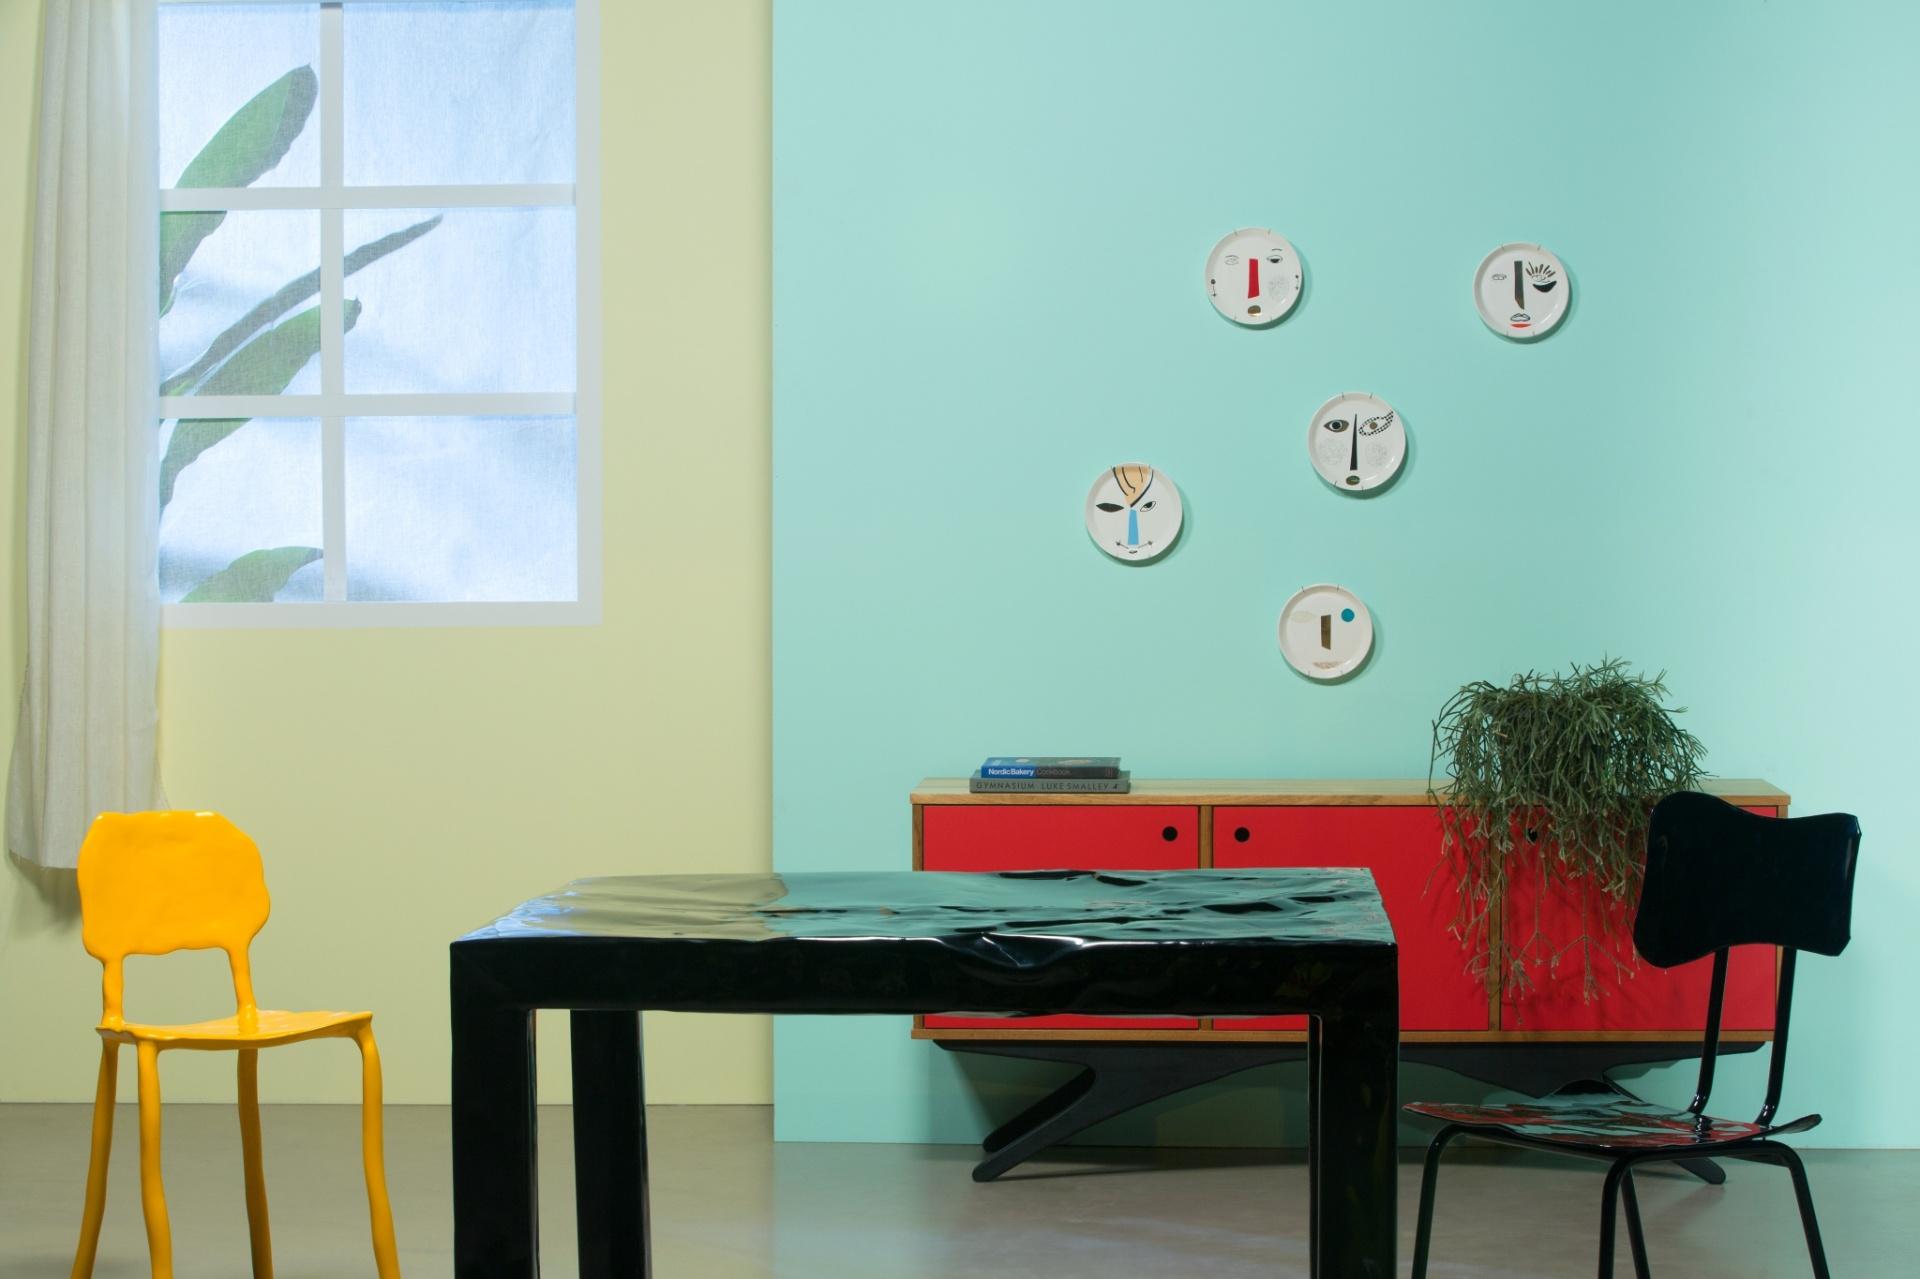 Salas De Jantar Ideias Para Decorar O Ambiente Bol Fotos Bol Fotos -> Como Decorar Parede De Sala Com Material Reciclados